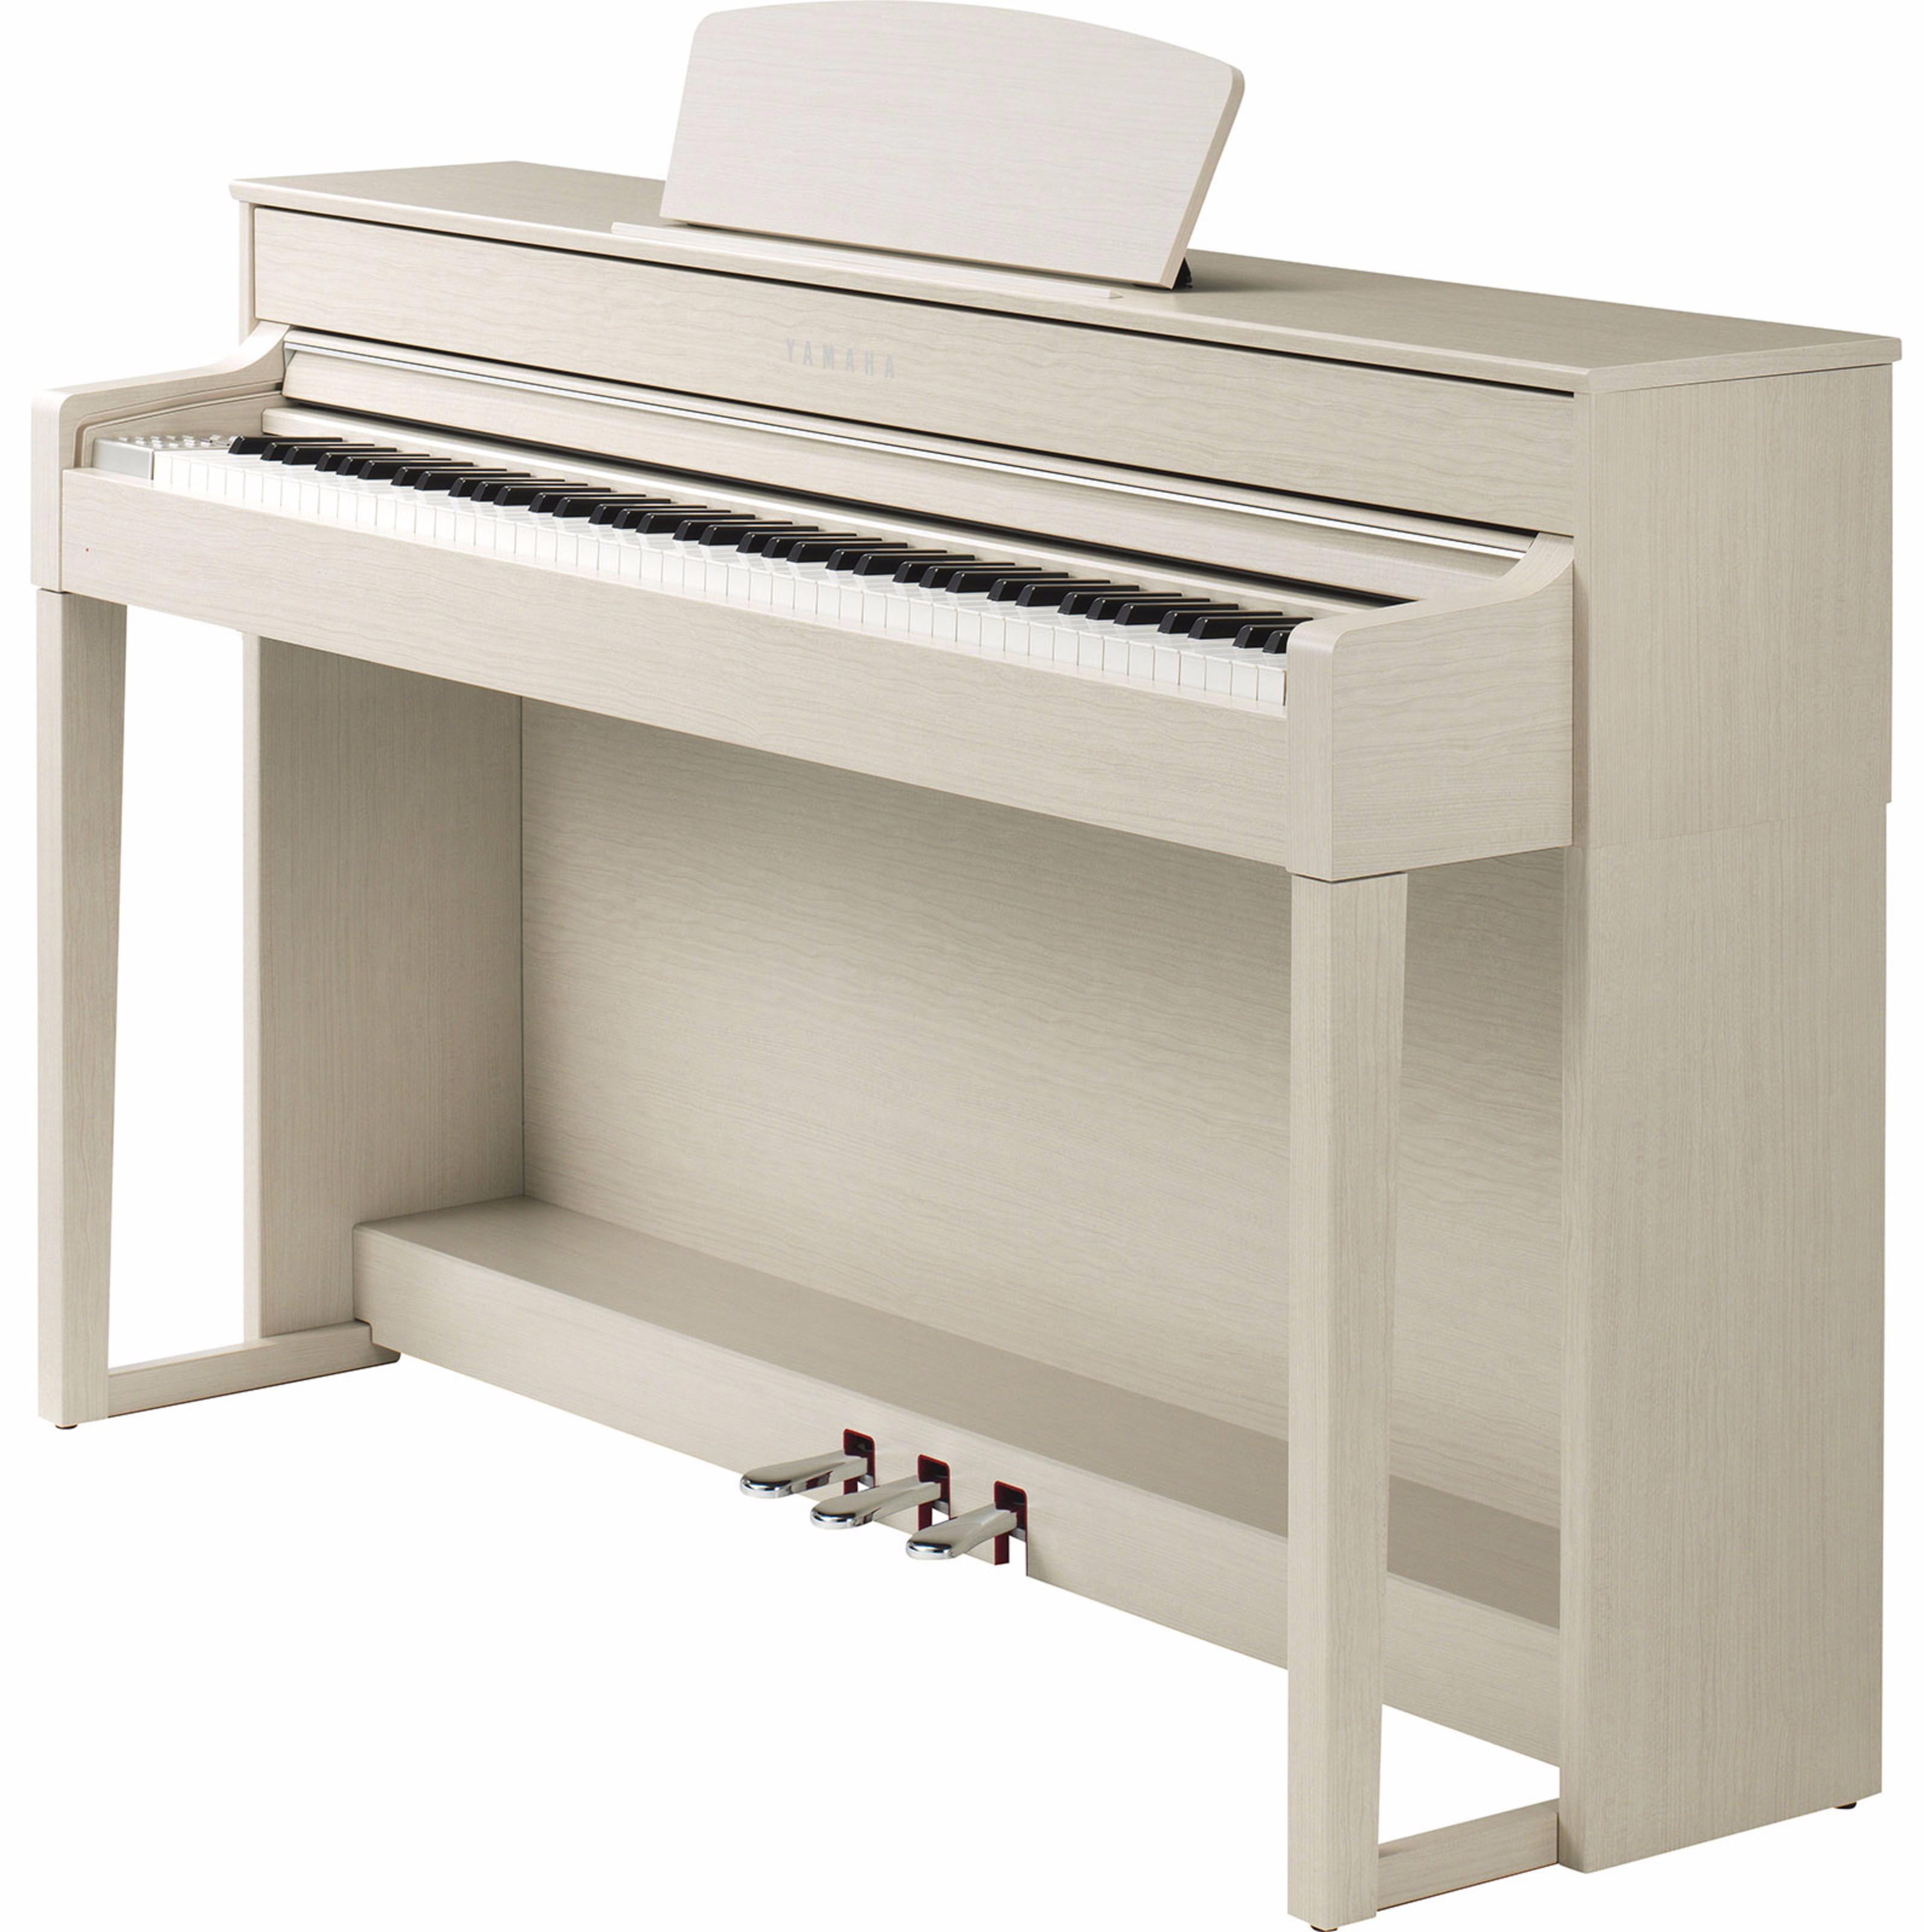 Yamaha clavinova clp 535 wa for Yamaha digital piano clp 535